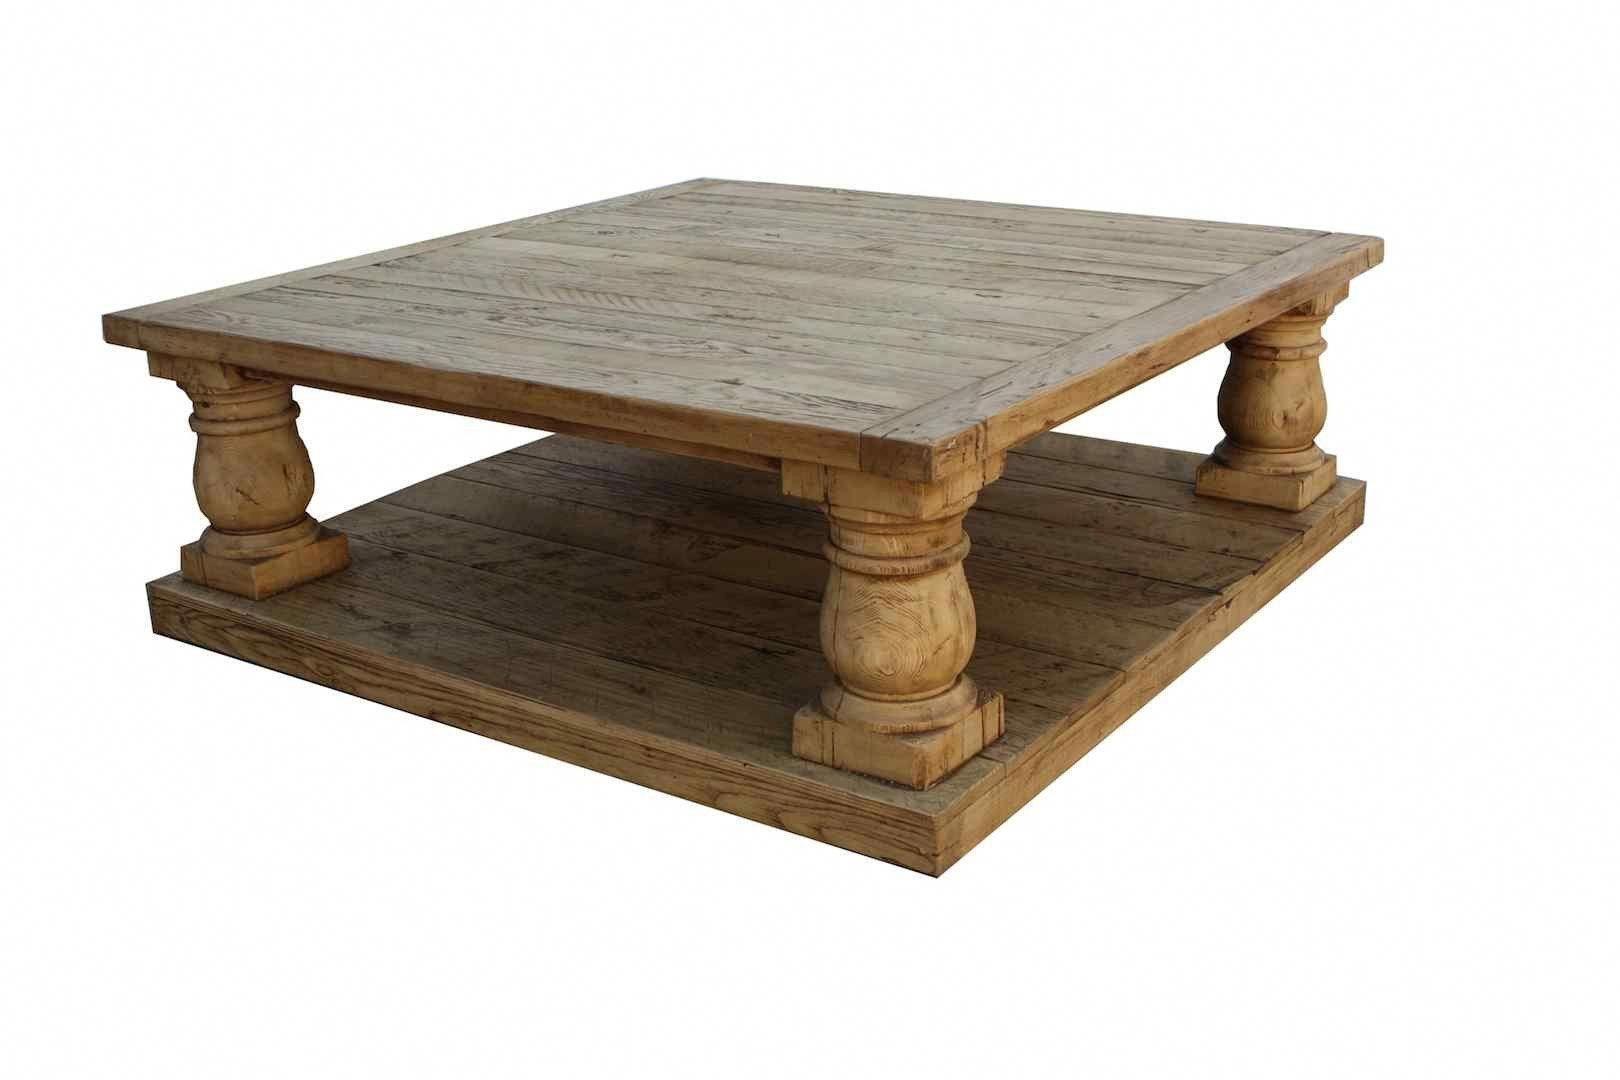 Muebles Collection Rey De Estar Sofas Dormitorios Comedor Al Aire Libre Y Gratis Inicio Colecc Wood Coffee Table Rustic Custom Coffee Table Coffee Table [ 1080 x 1620 Pixel ]